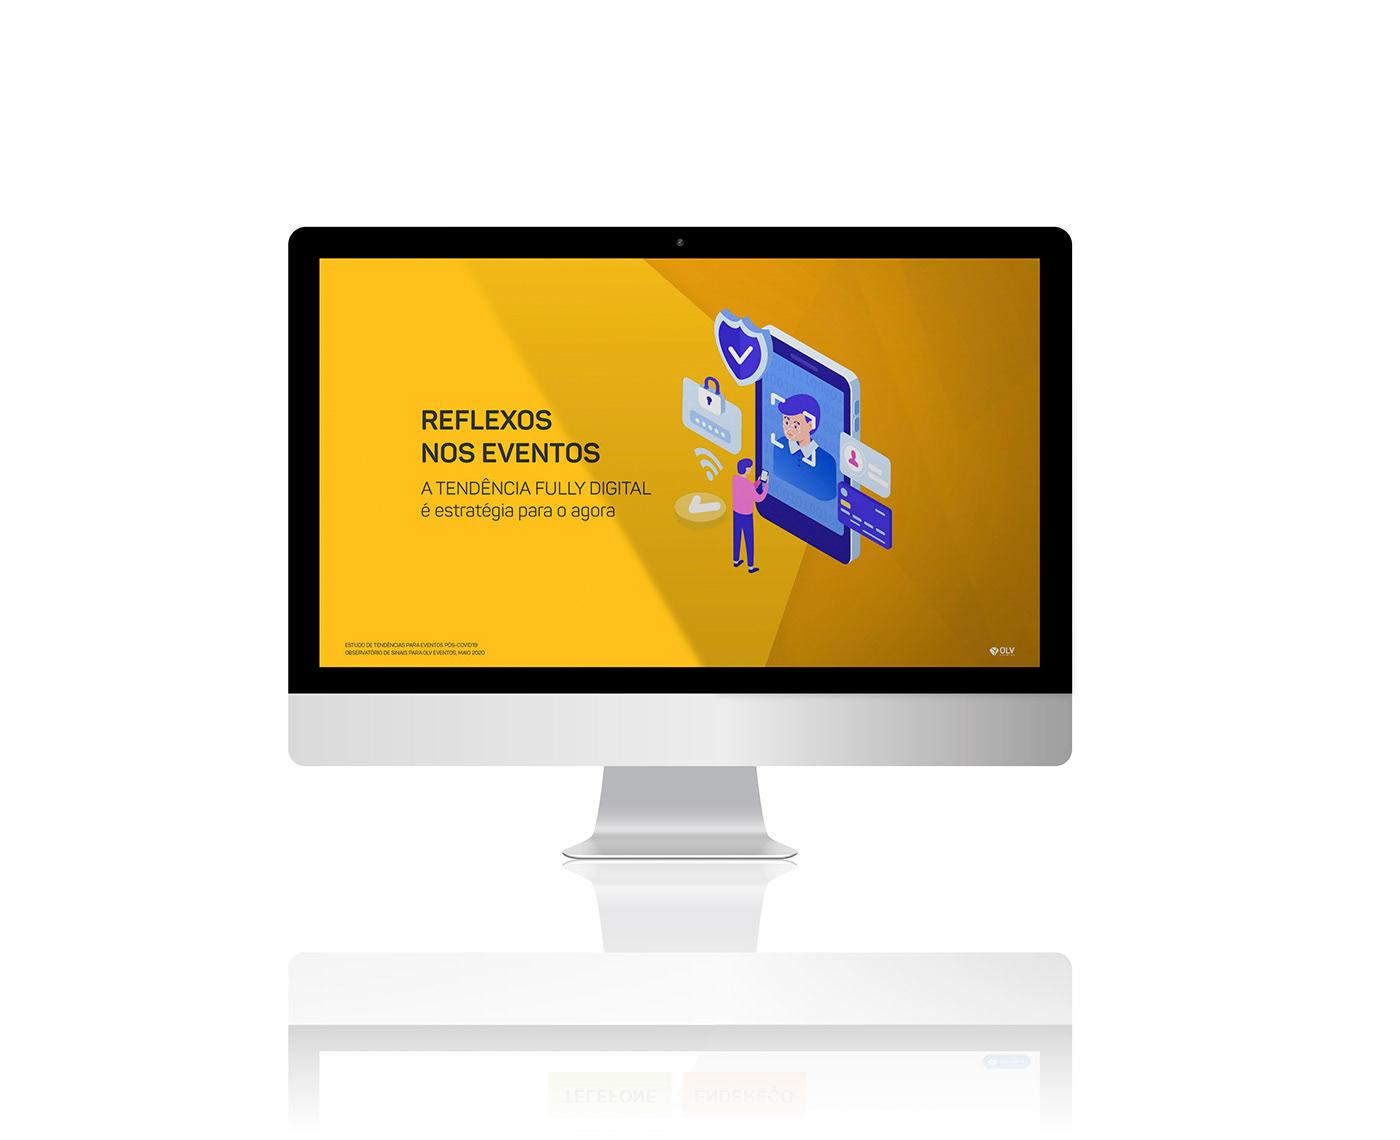 Image may contain: screenshot, television and computer monitor